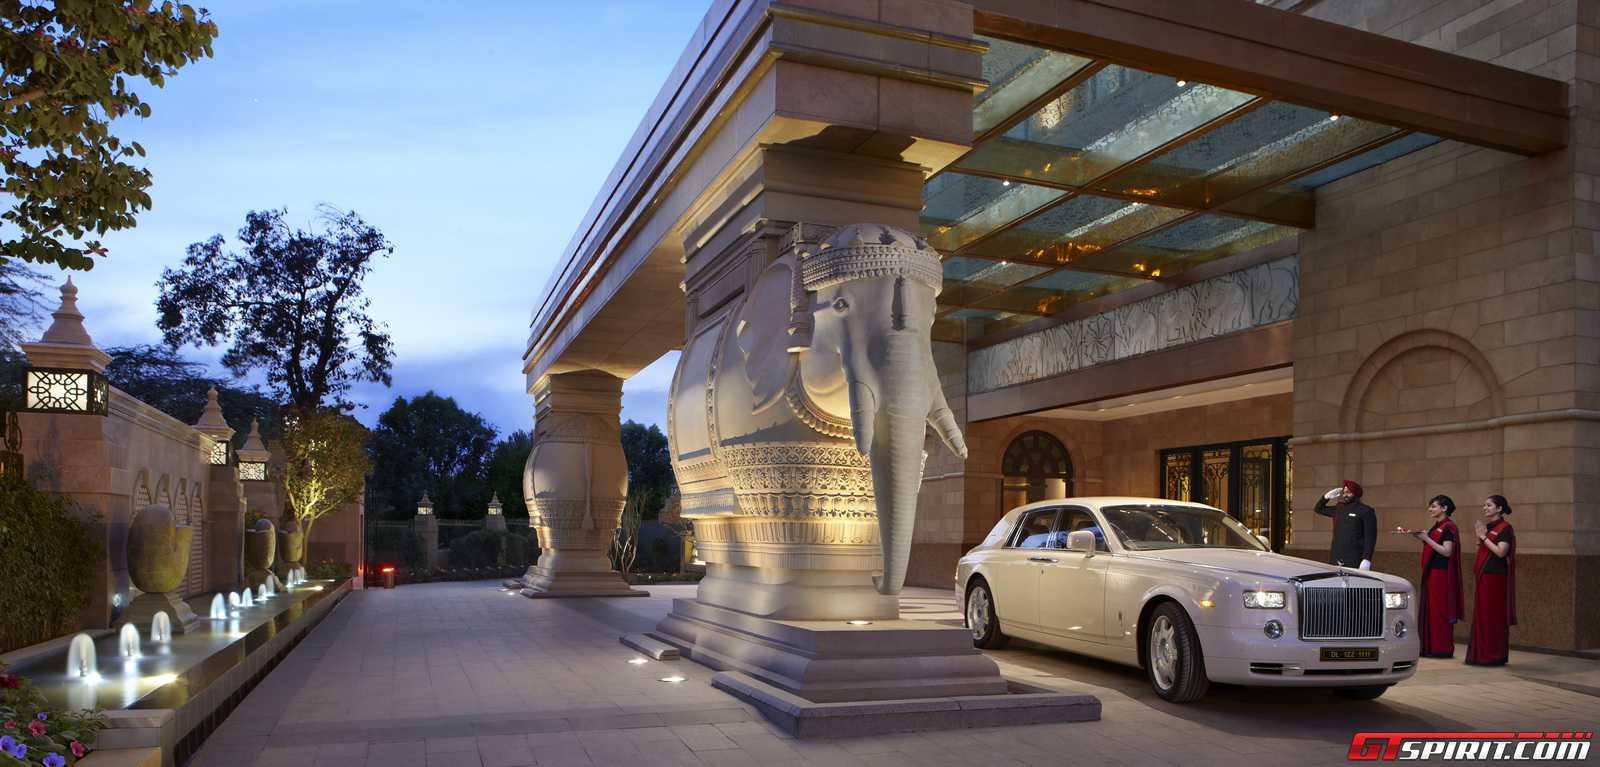 Modern Palace Hotel Chandigarh